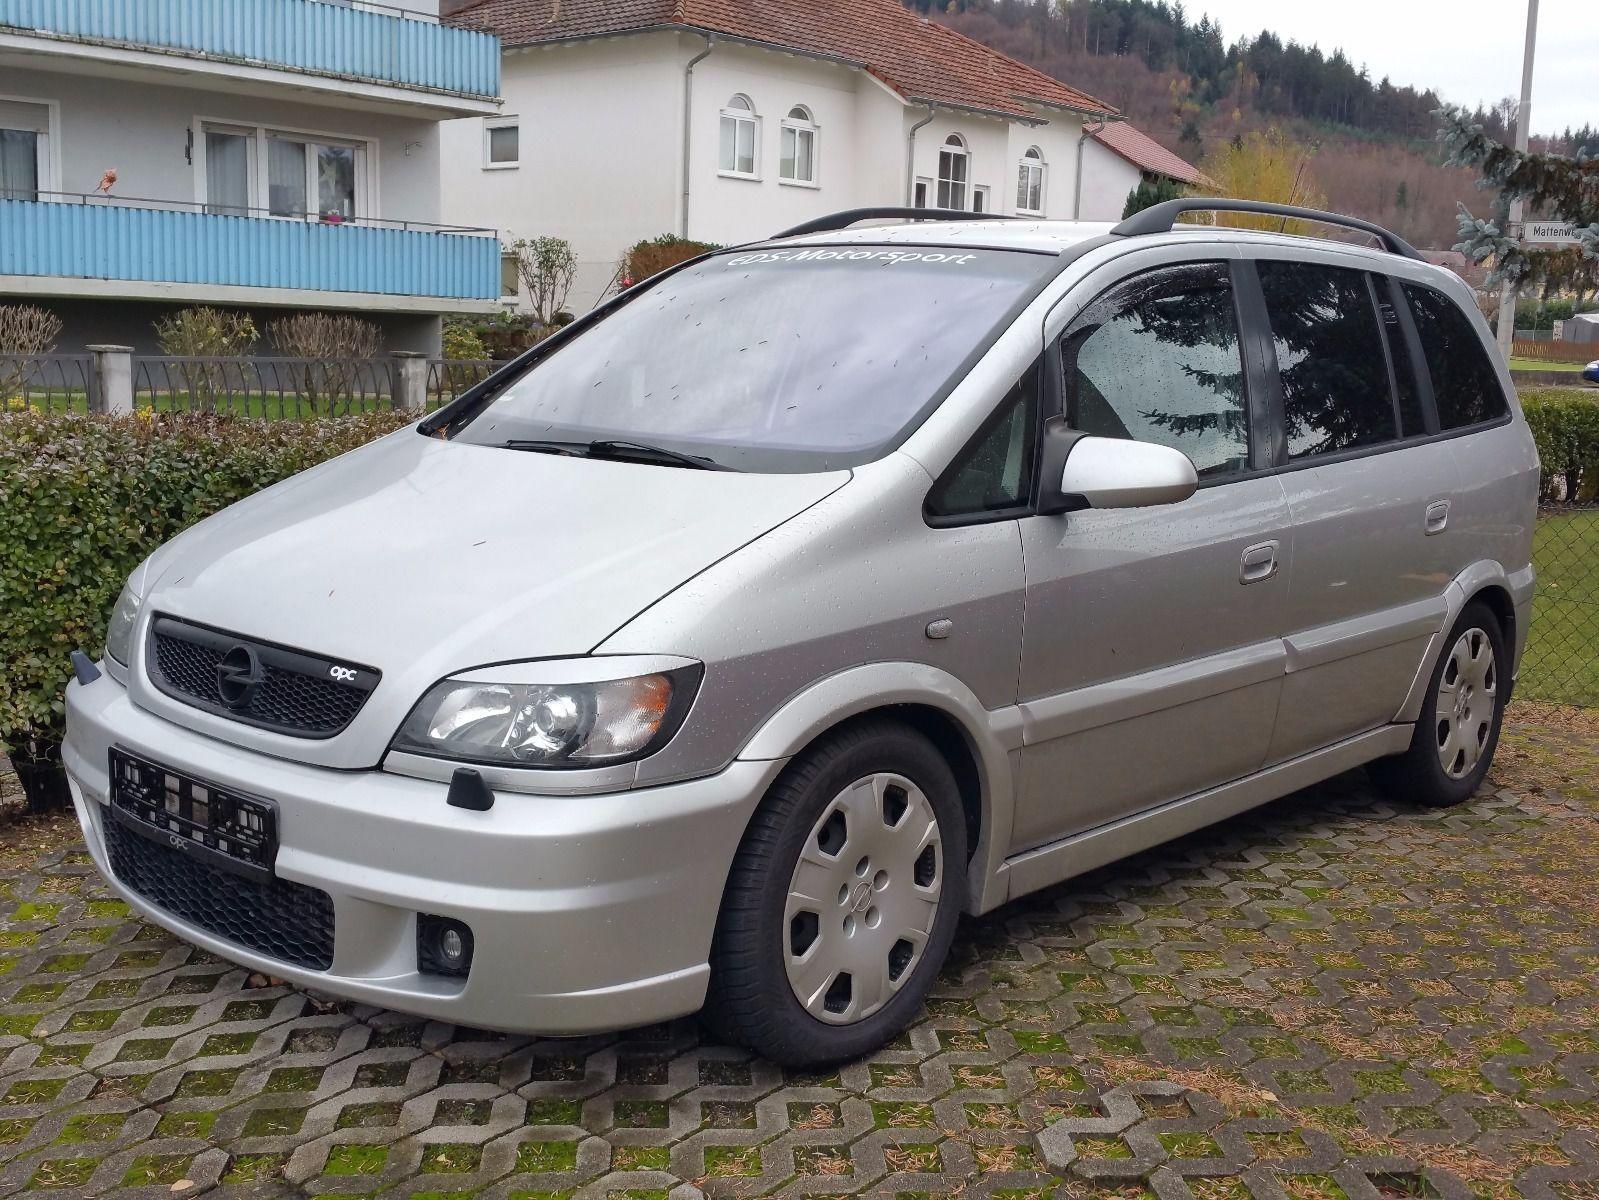 2003 Opel Zafira A Opc